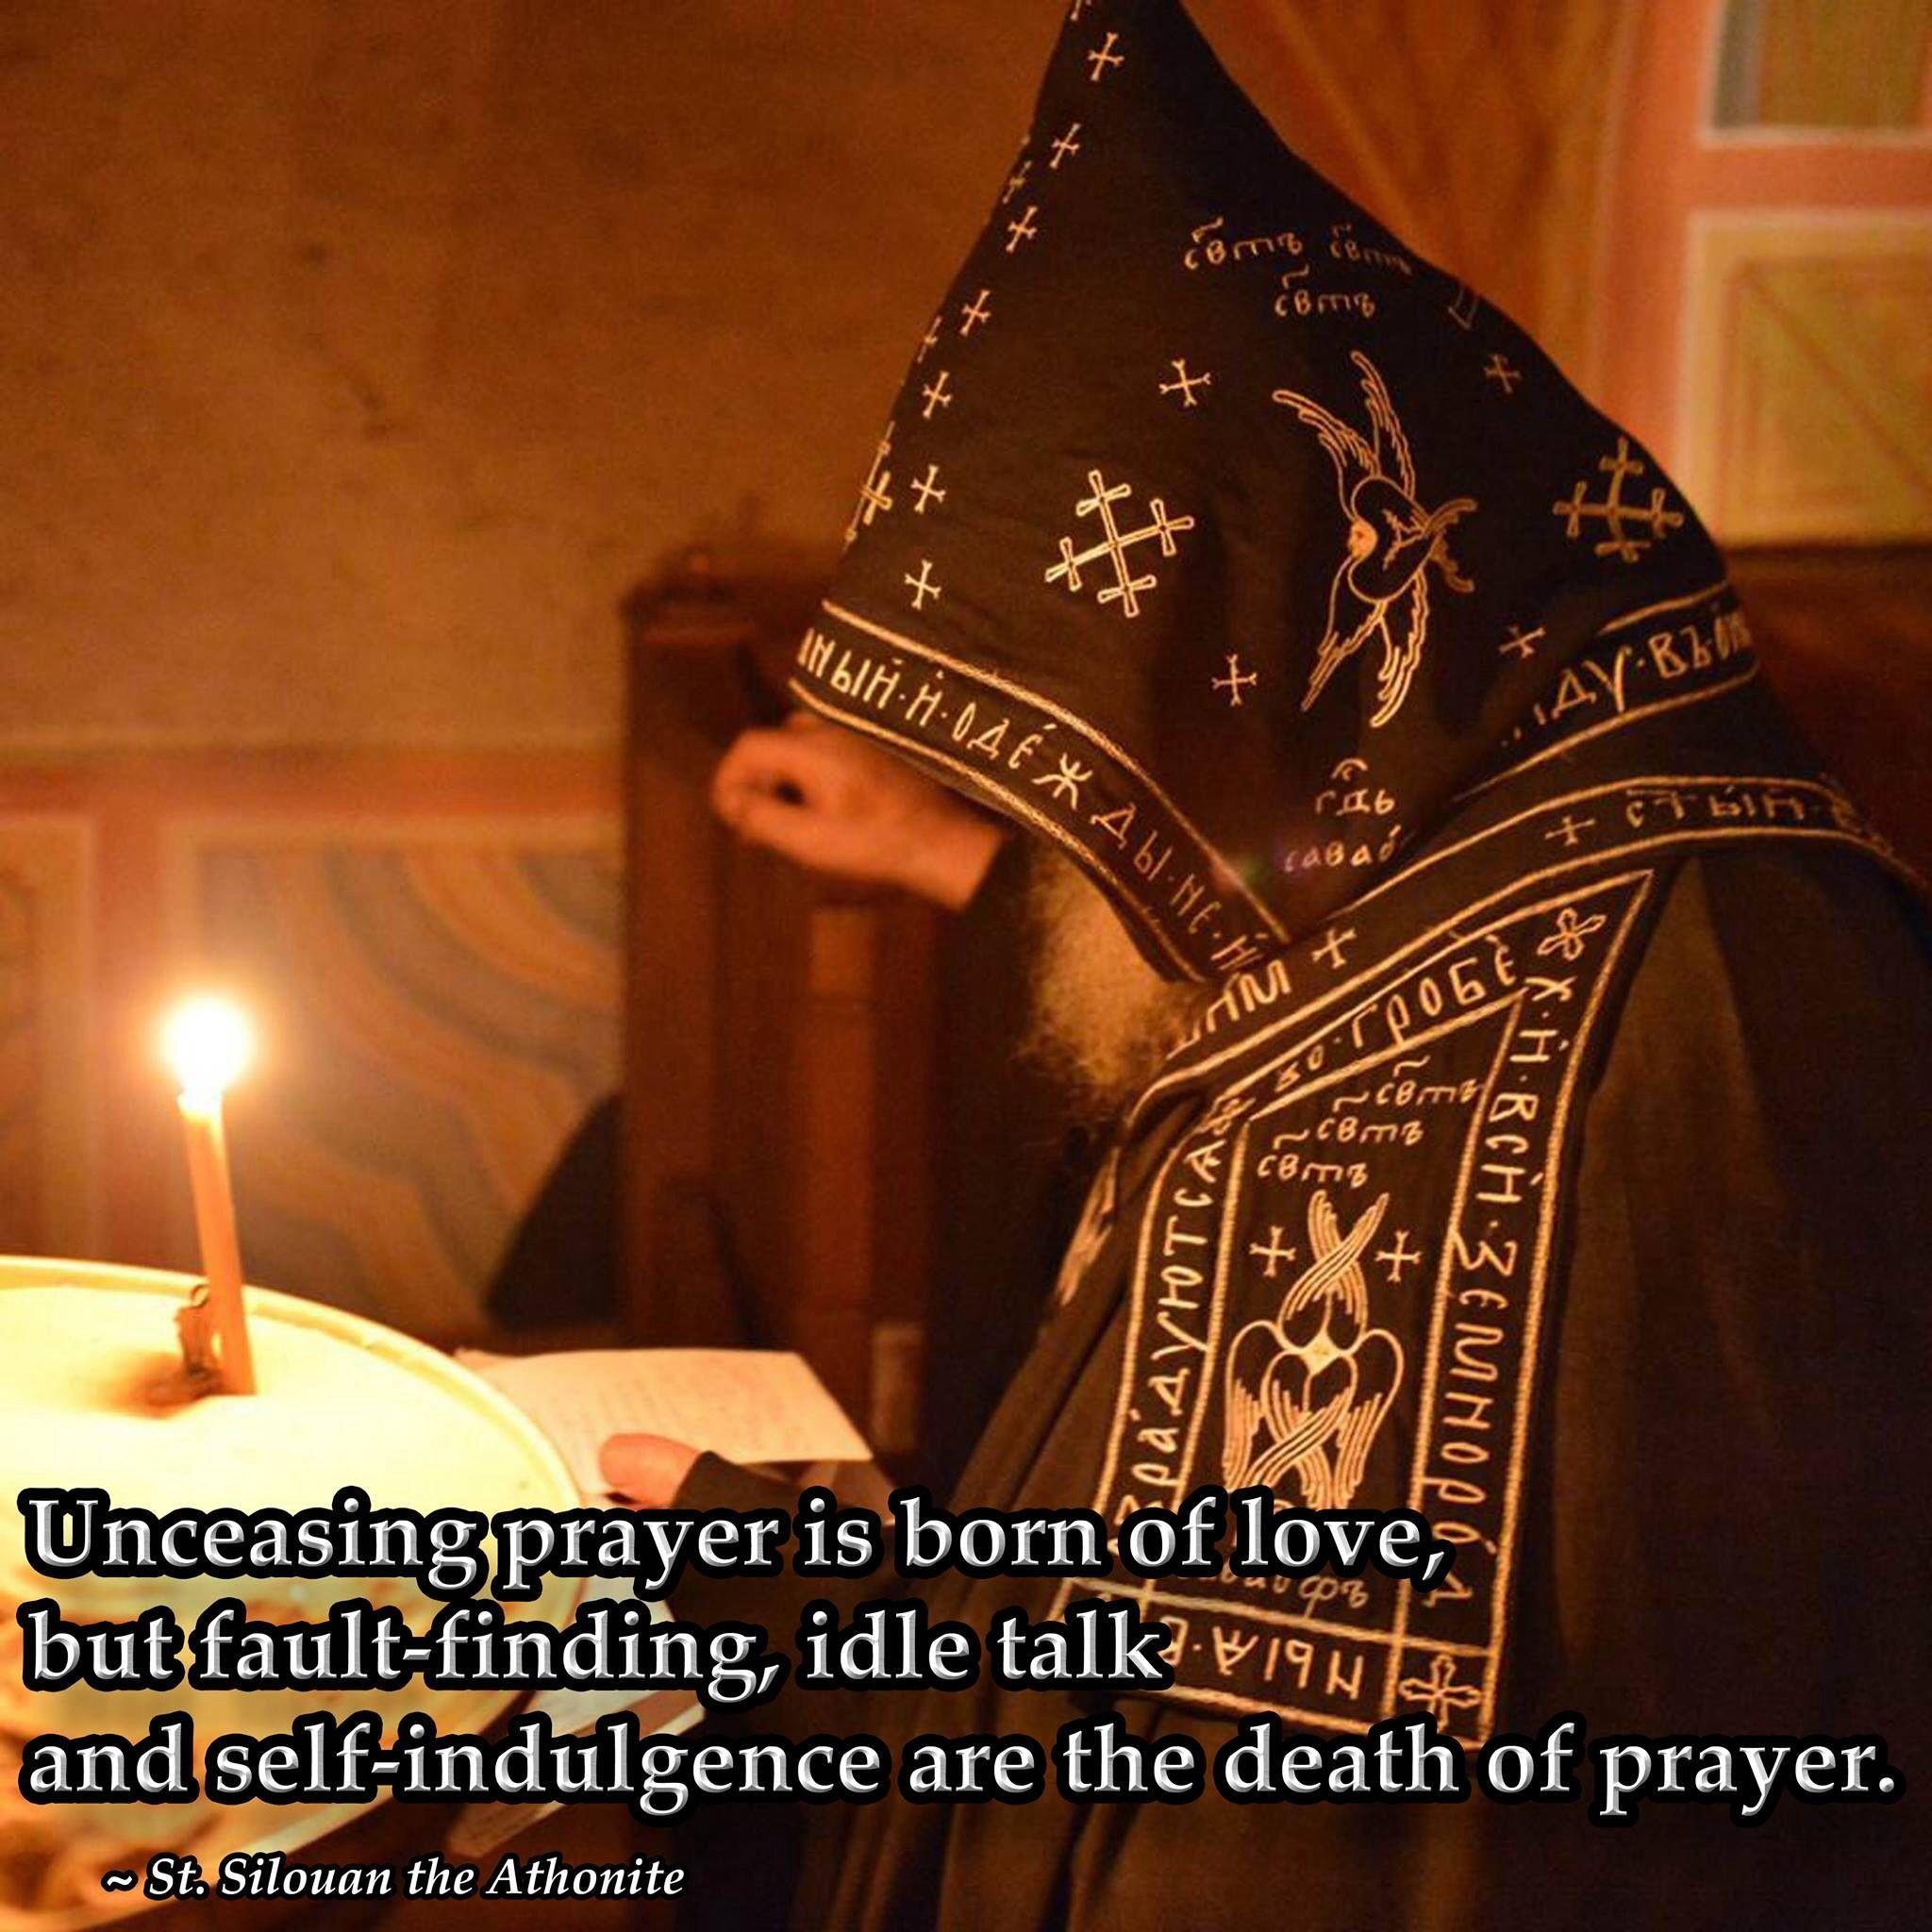 About Orthodox Indulgences